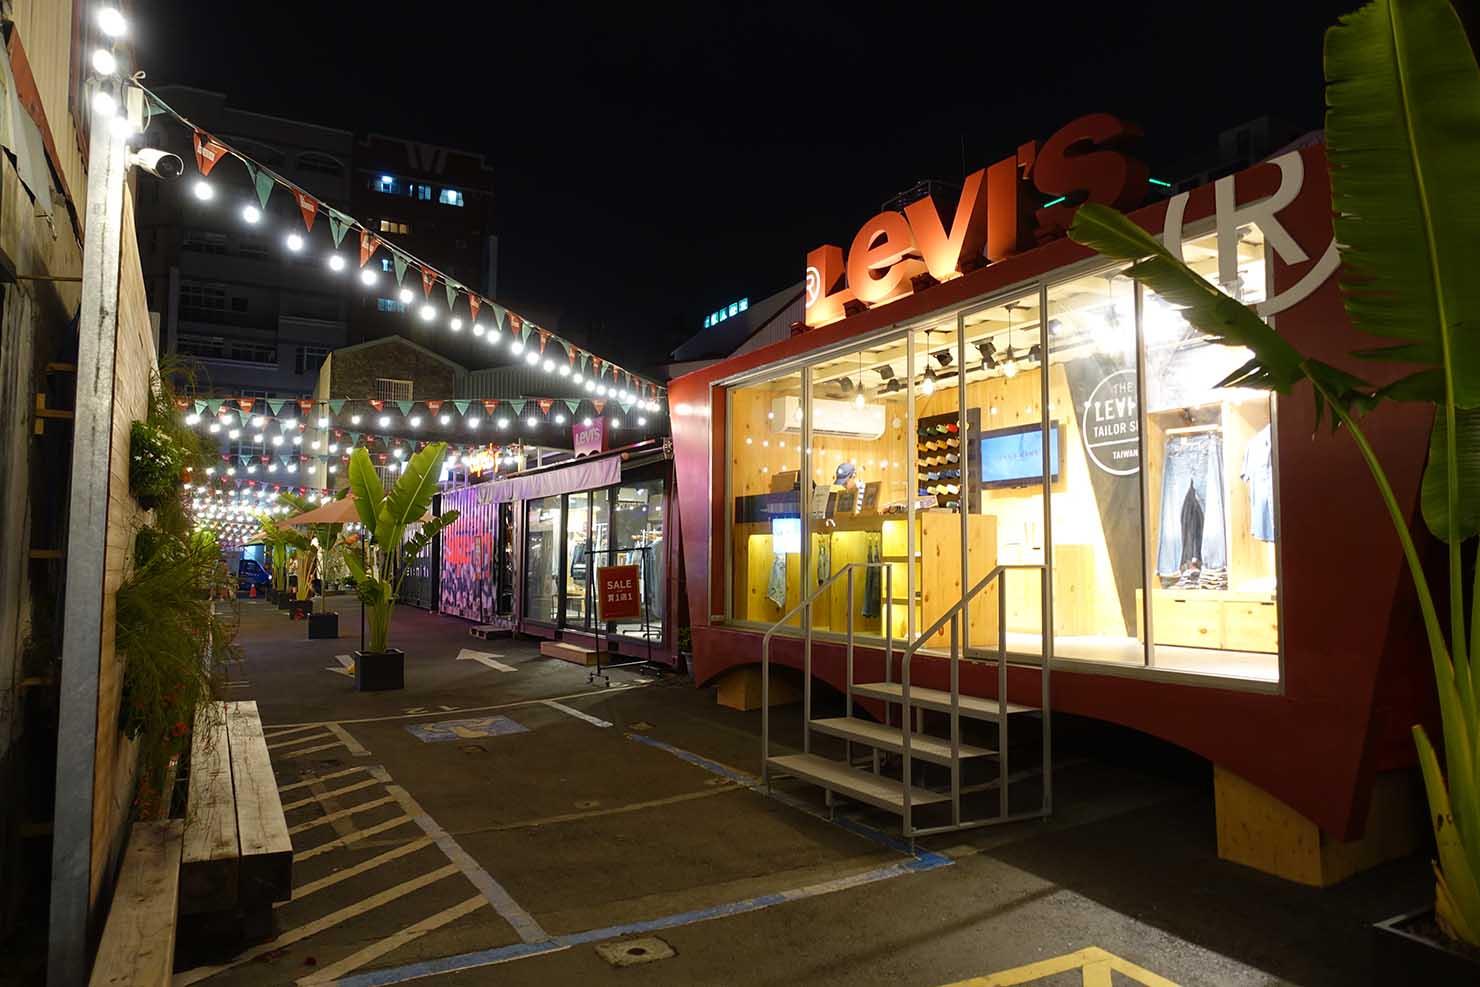 台湾の古都・台南のおすすめ観光スポット「正興商圈」の夜景